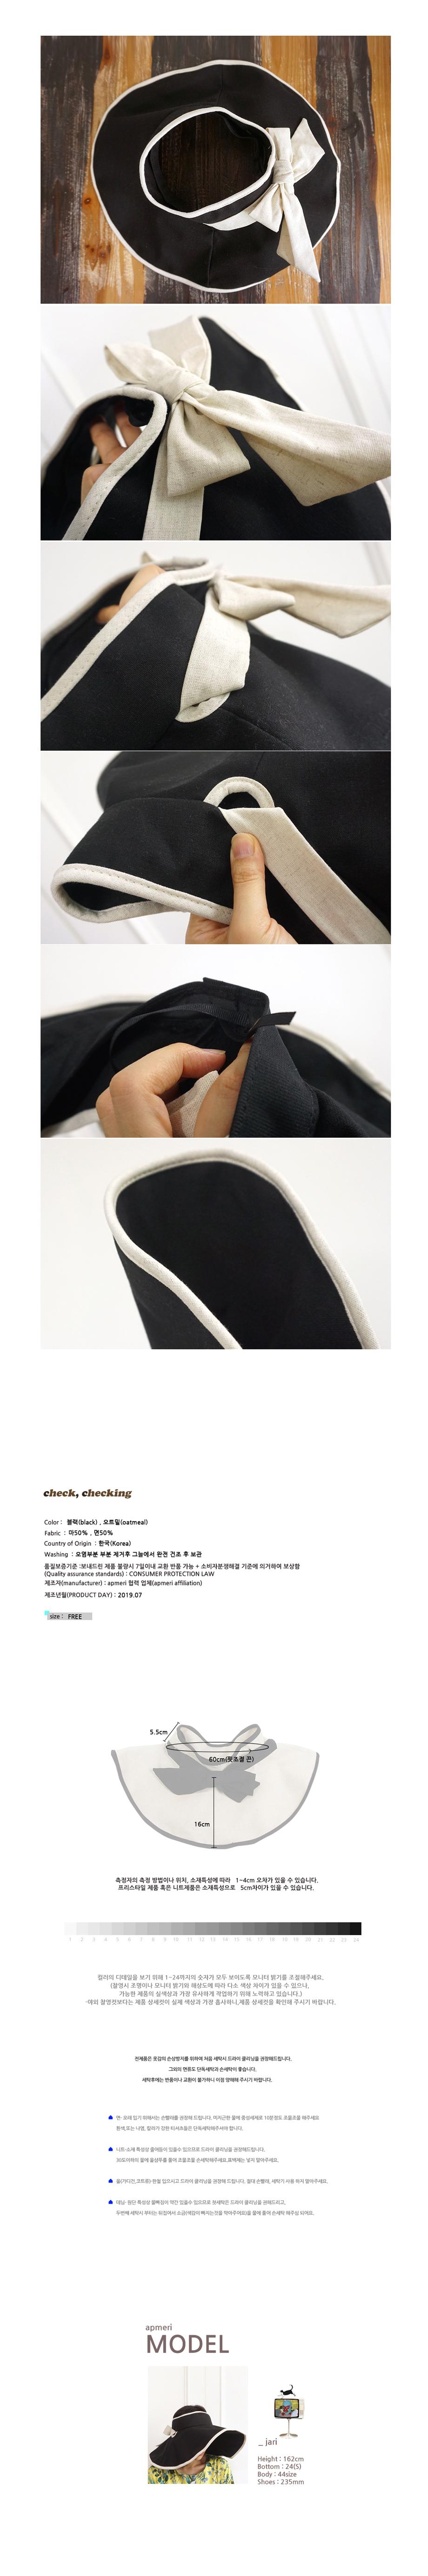 린넨 면 뒷리본 와이드 와이어챙 썸머 햇 - 앞머리, 28,500원, 모자, 썬캡